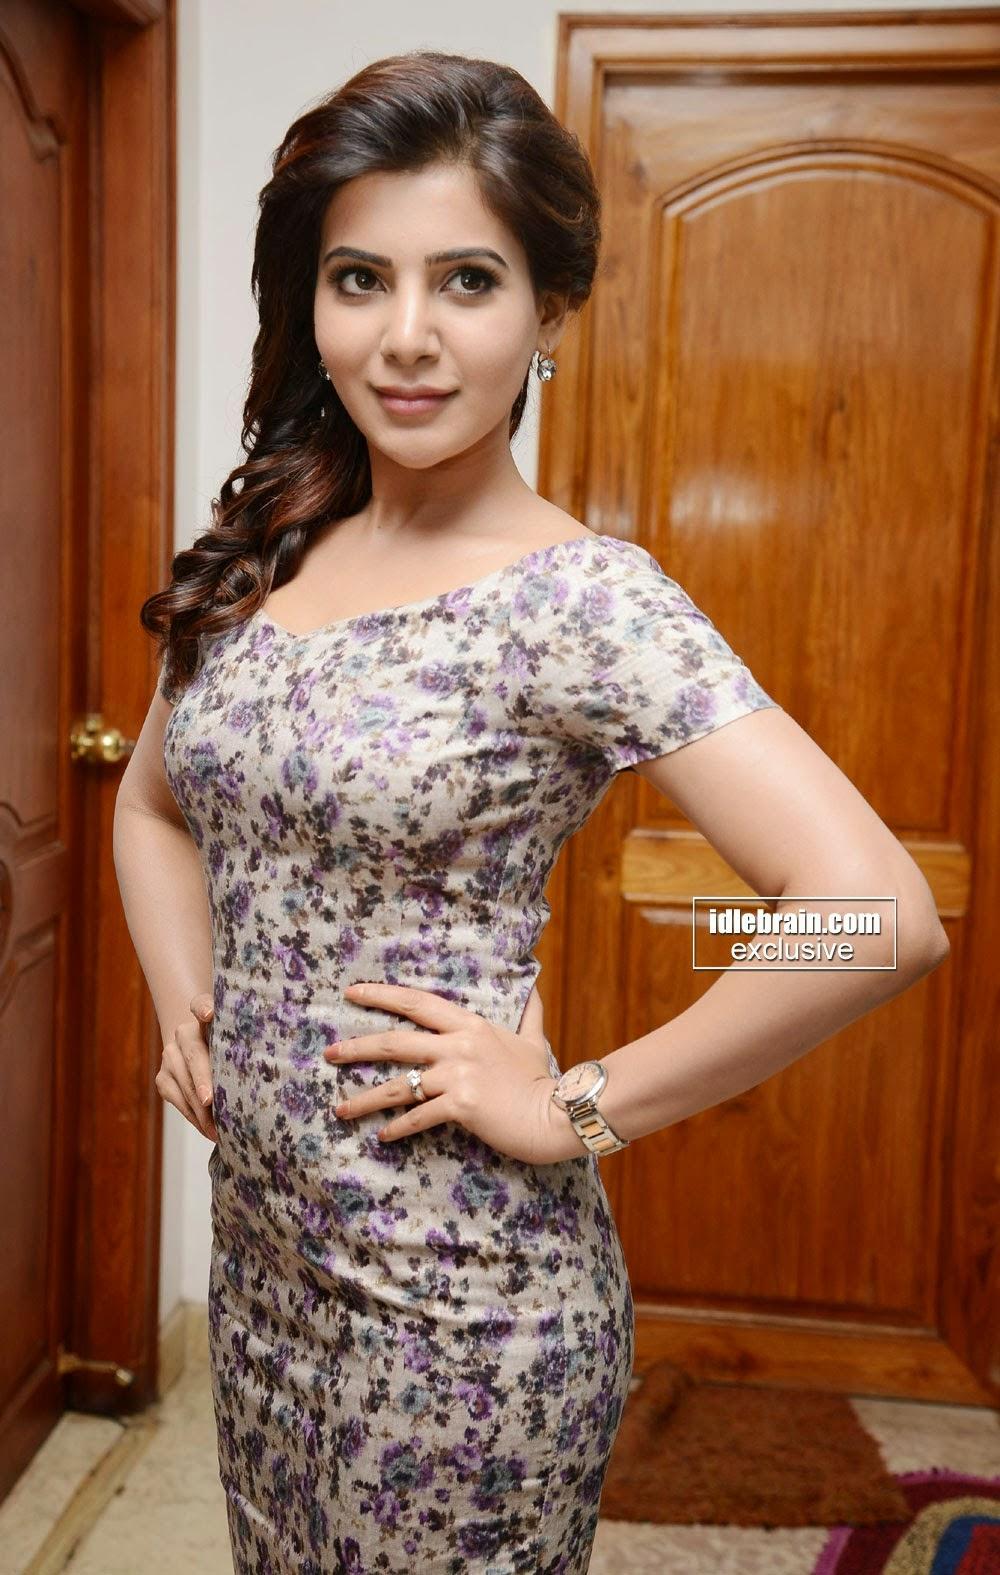 hd bollywood actress wallpaper: hd wallpepers of actress samantha